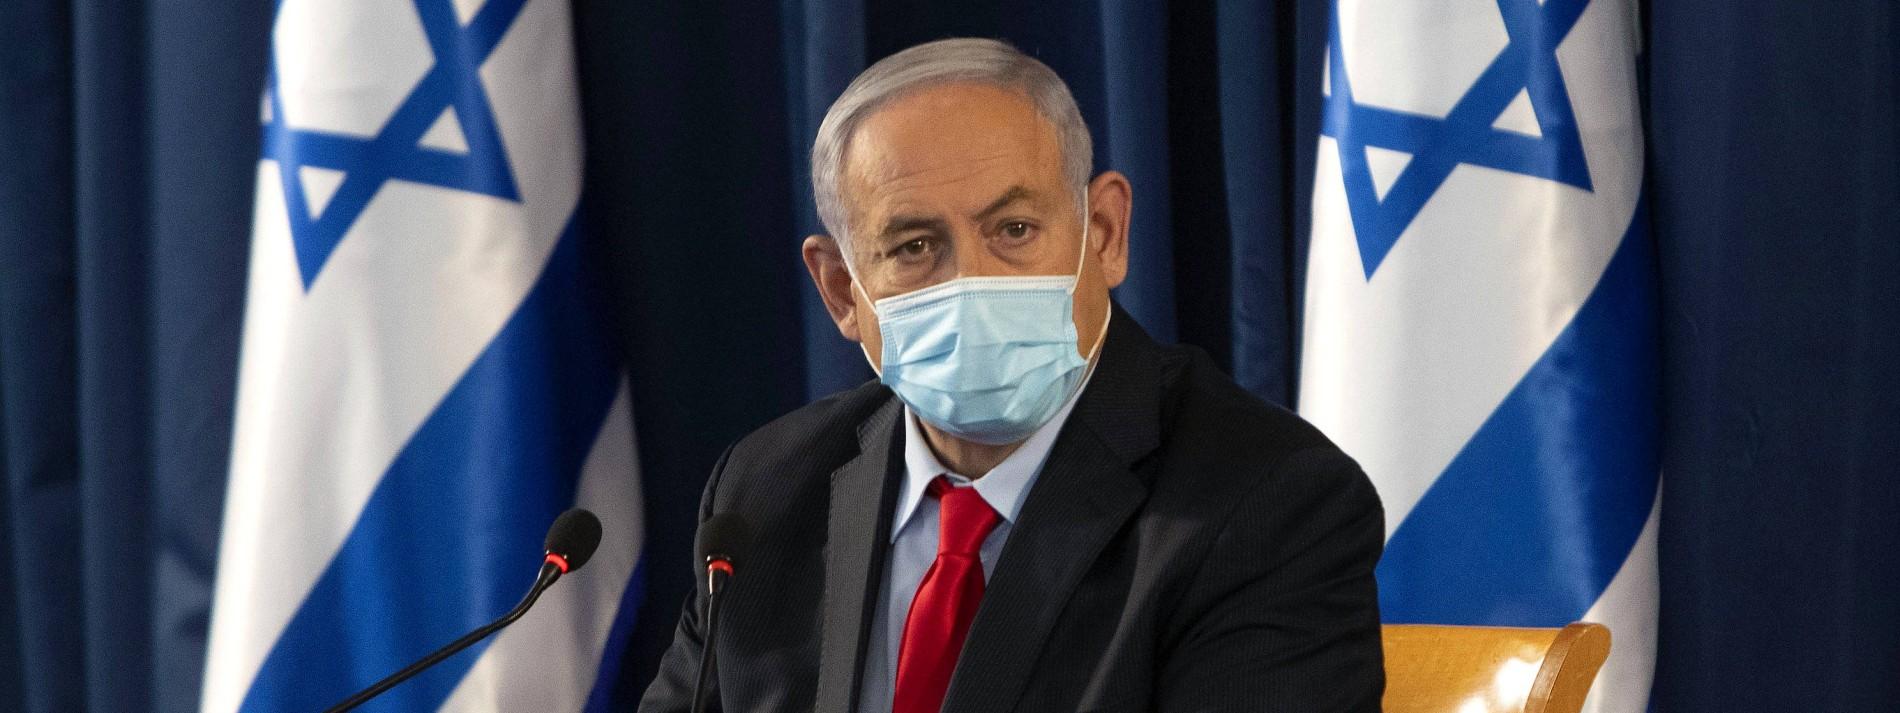 Neuwahl in Israel vorerst abgewendet